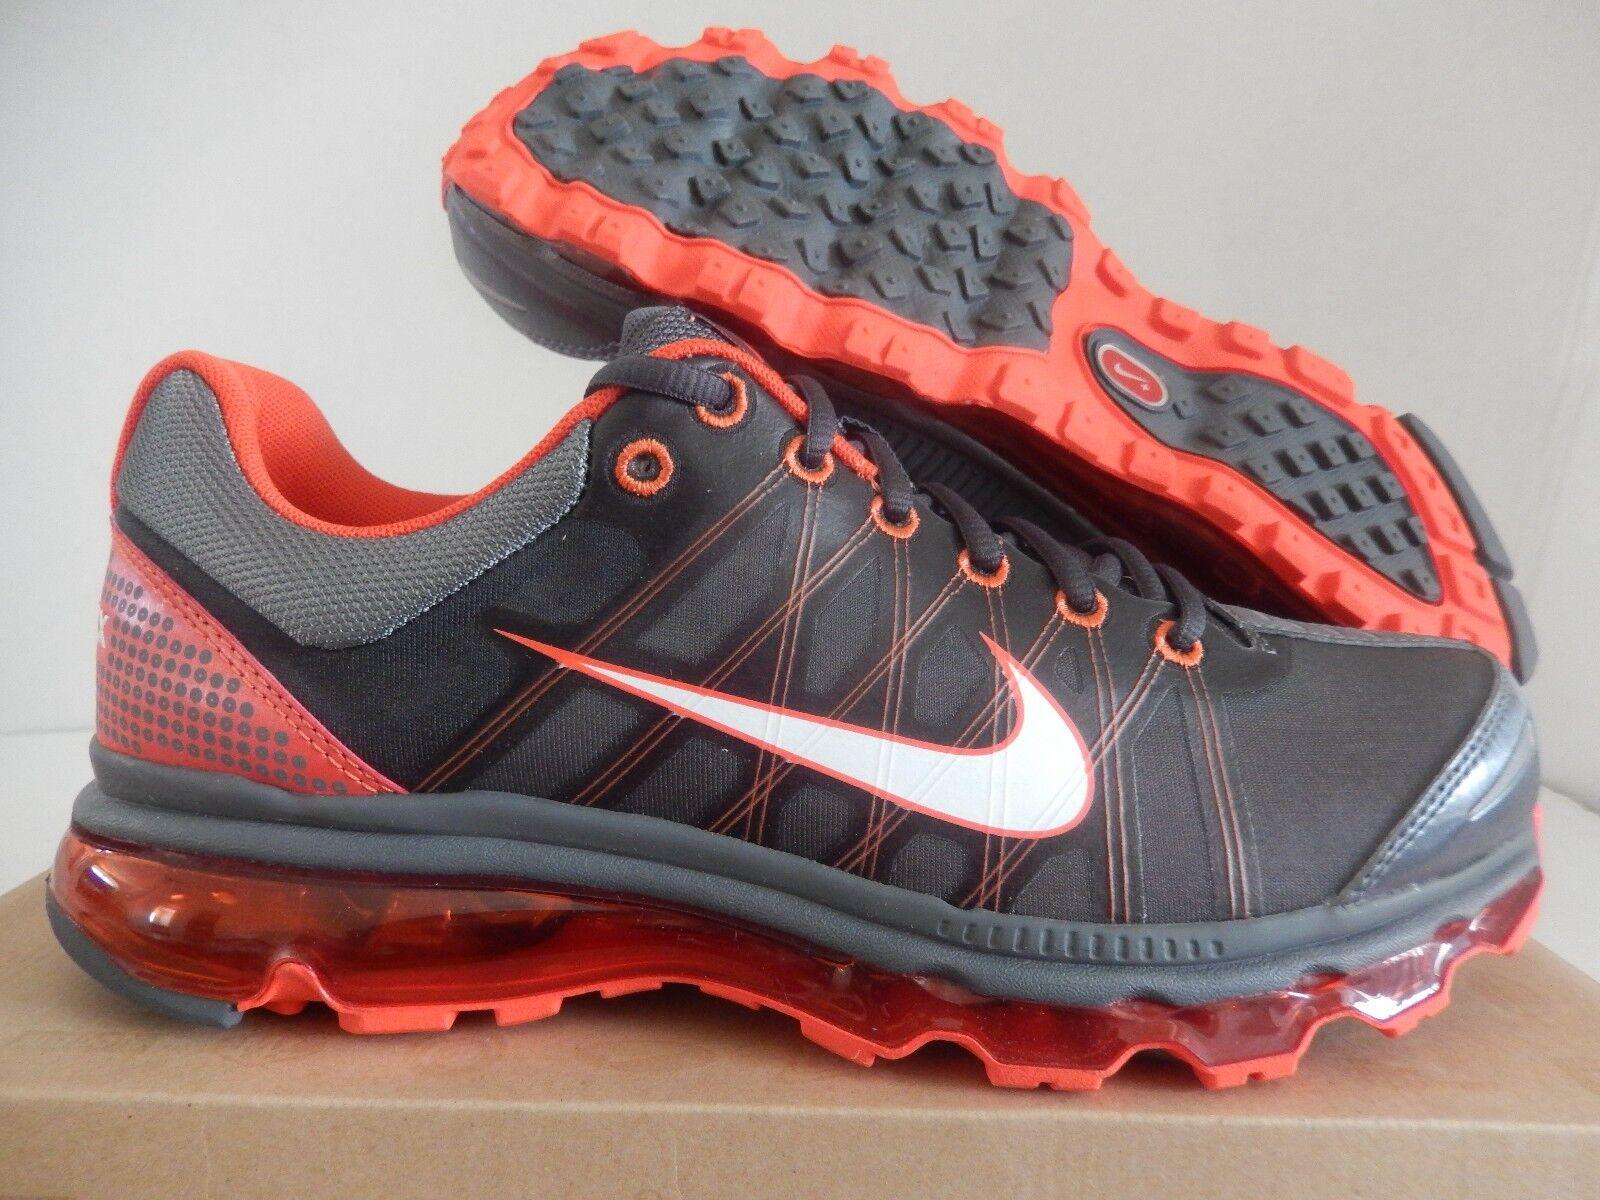 Nike air max   2009 dark grey-white-vivid orange sz 8 [486978-018]